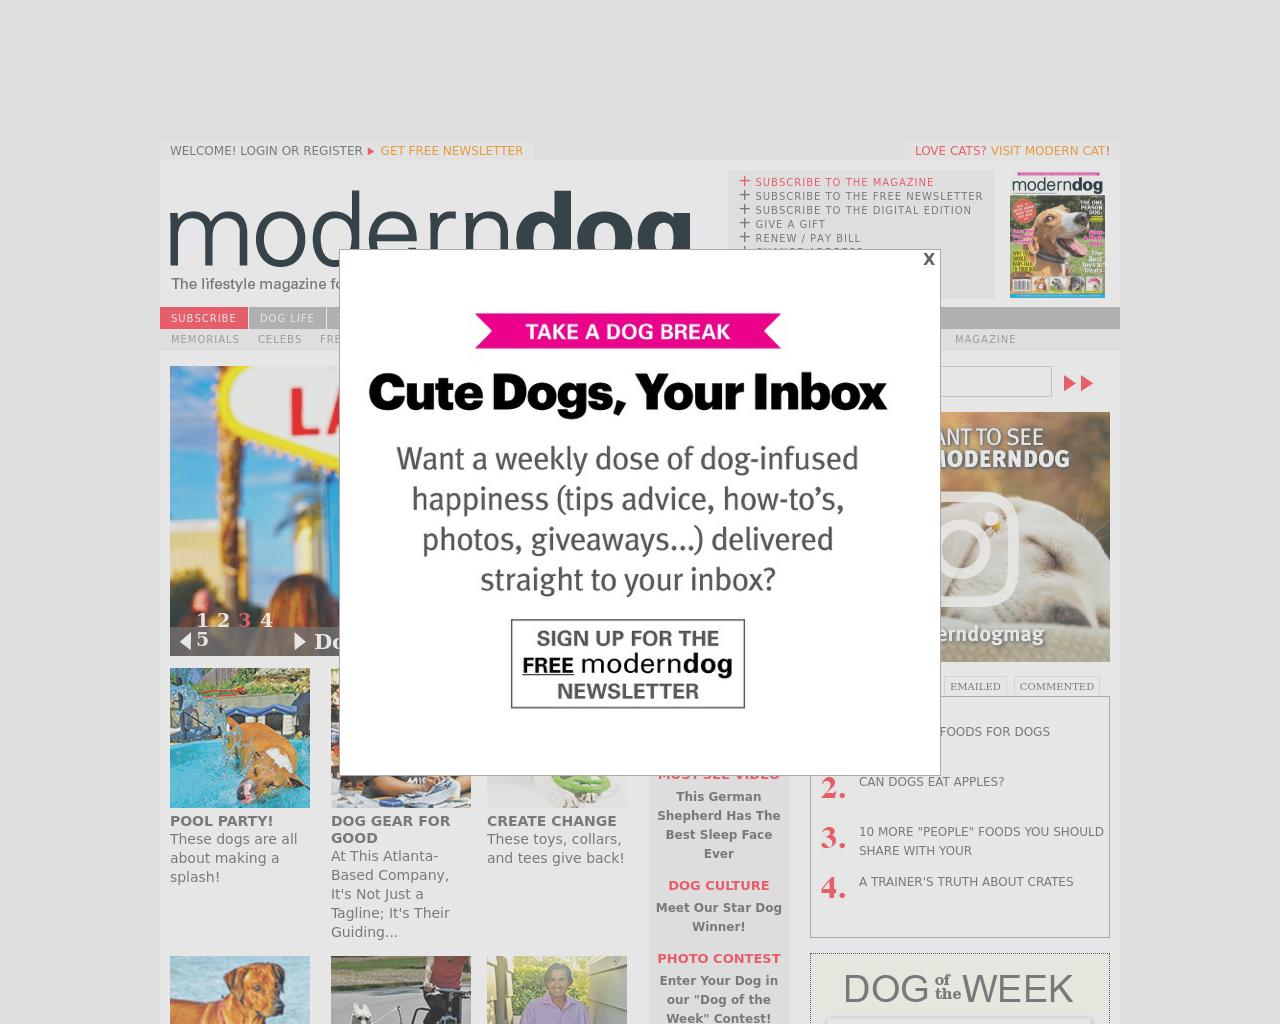 Moderndog-Advertising-Reviews-Pricing